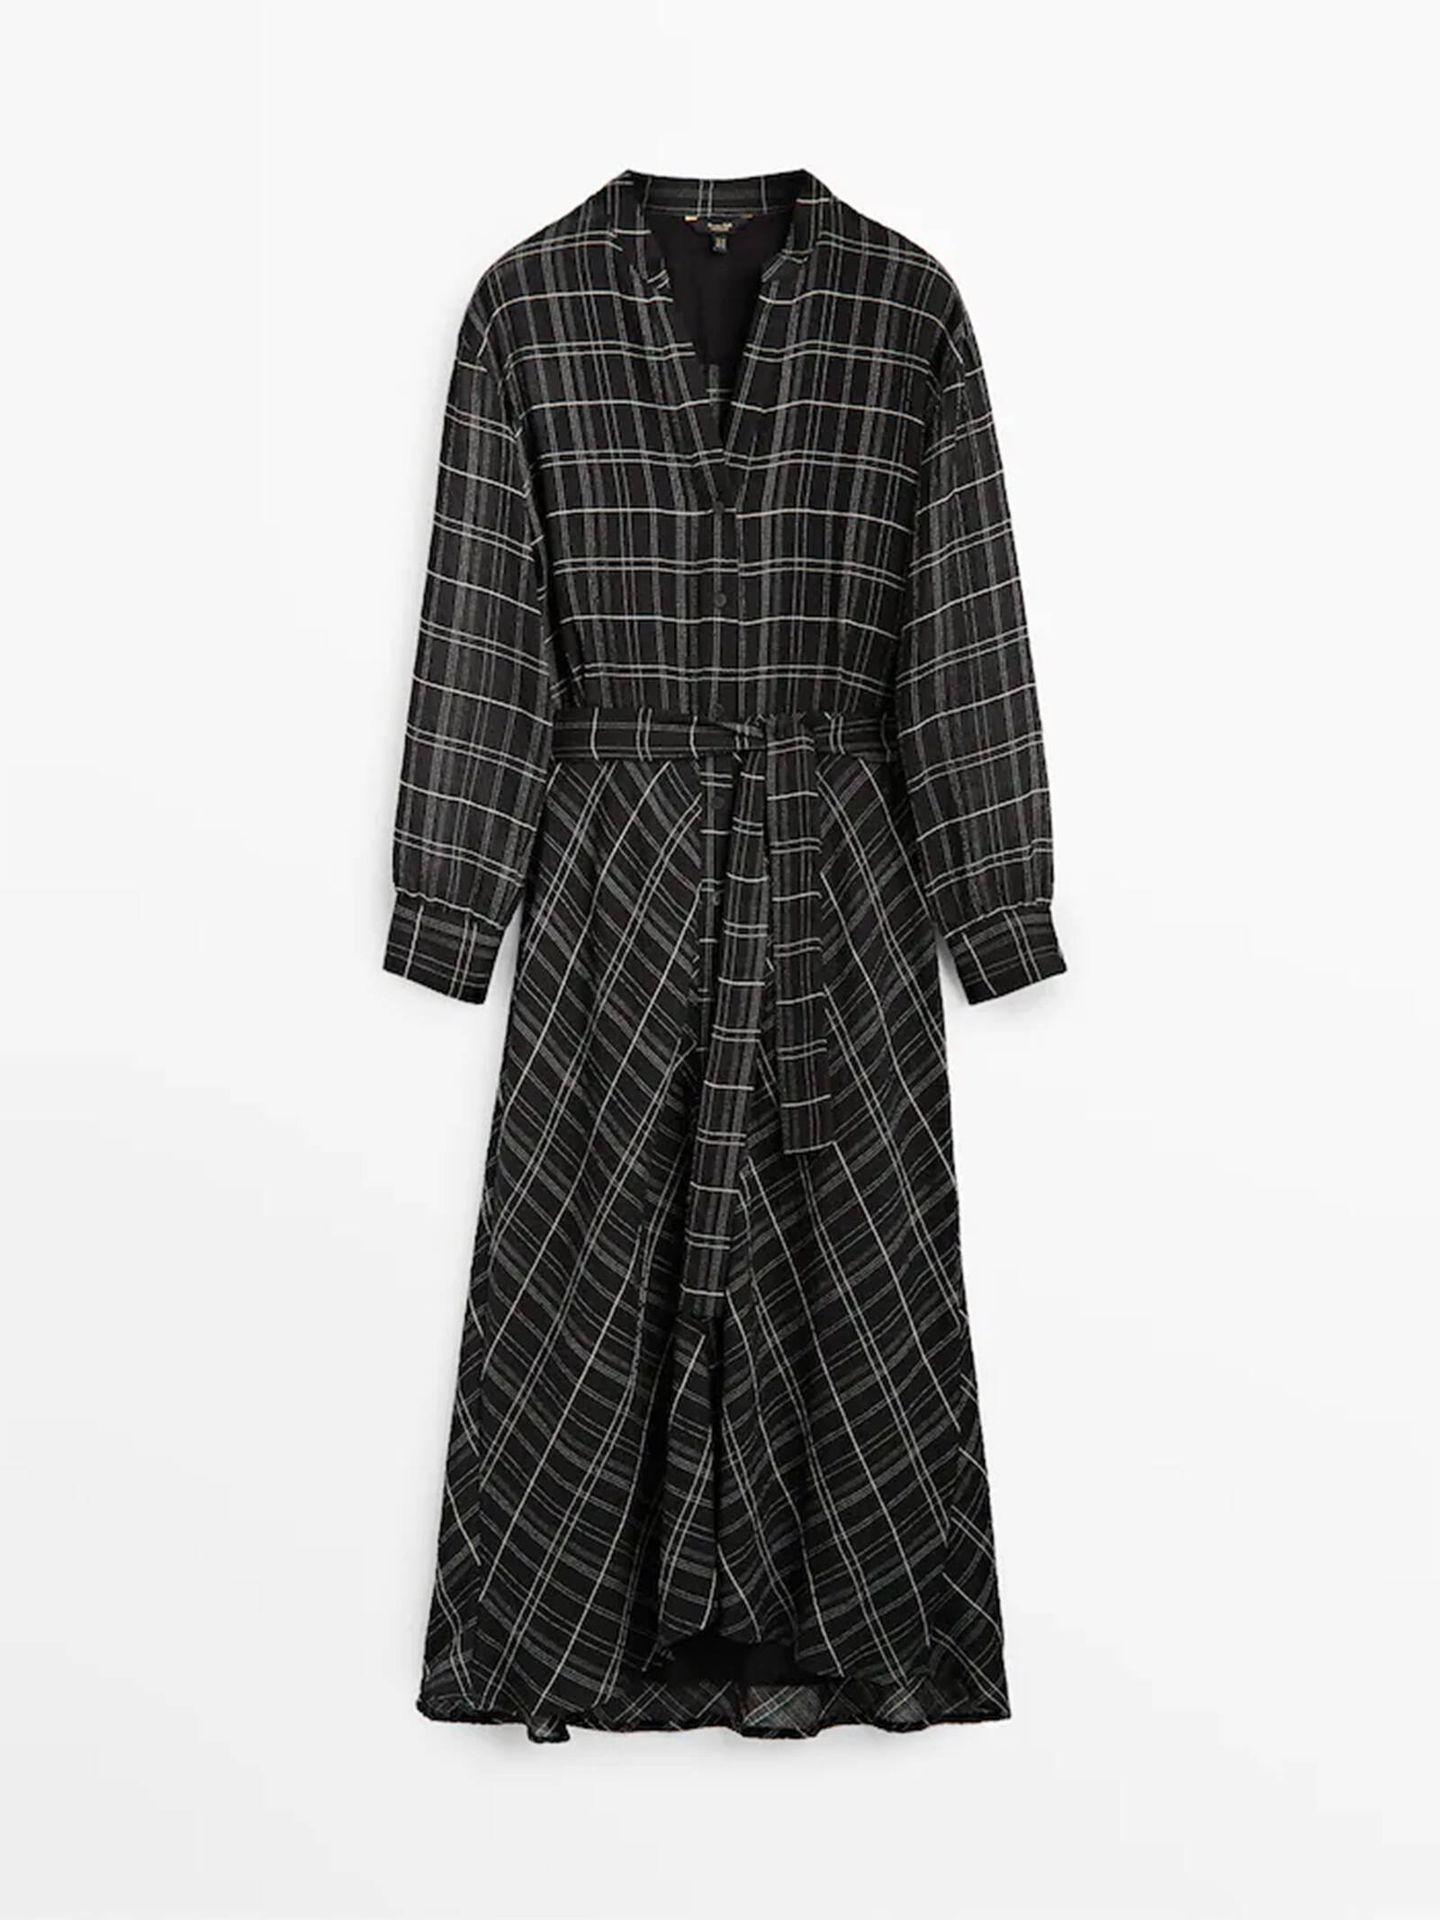 El vestido camisero de Massimo Dutti con estampado de cuadros que necesitas en tu armario. (Cortesía)